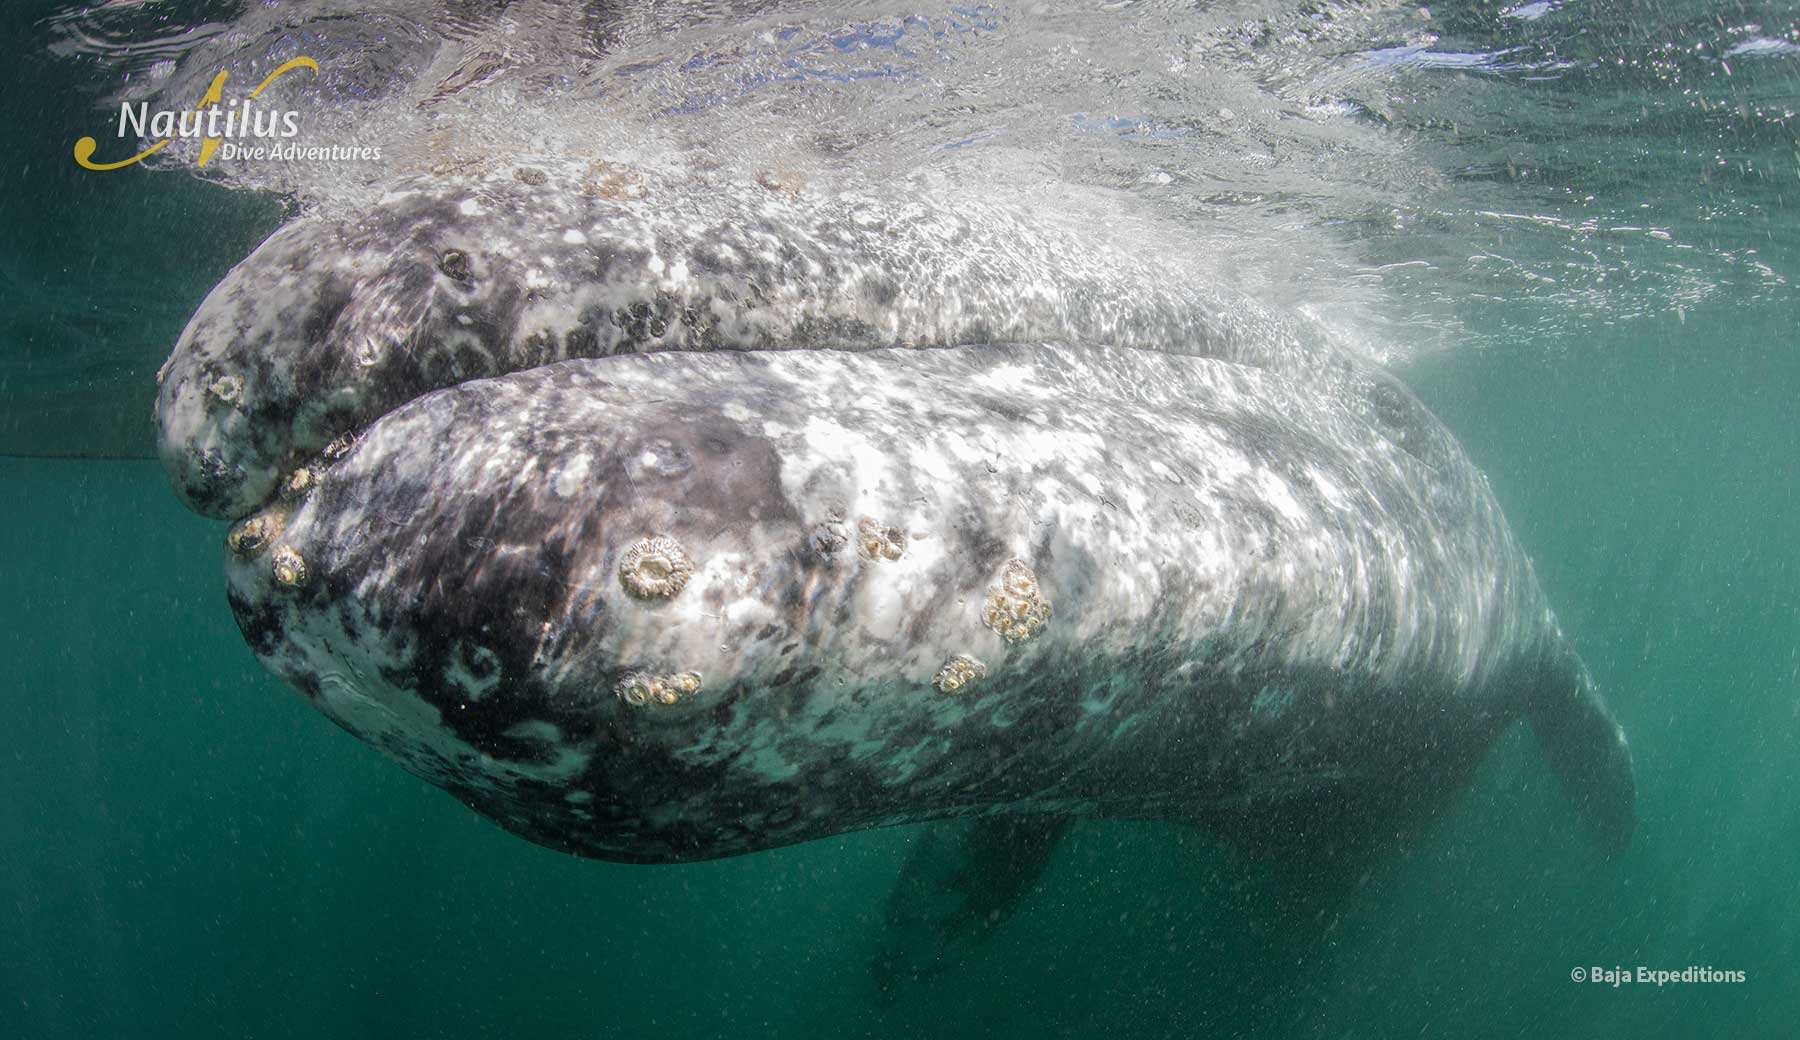 Grey whale underwater